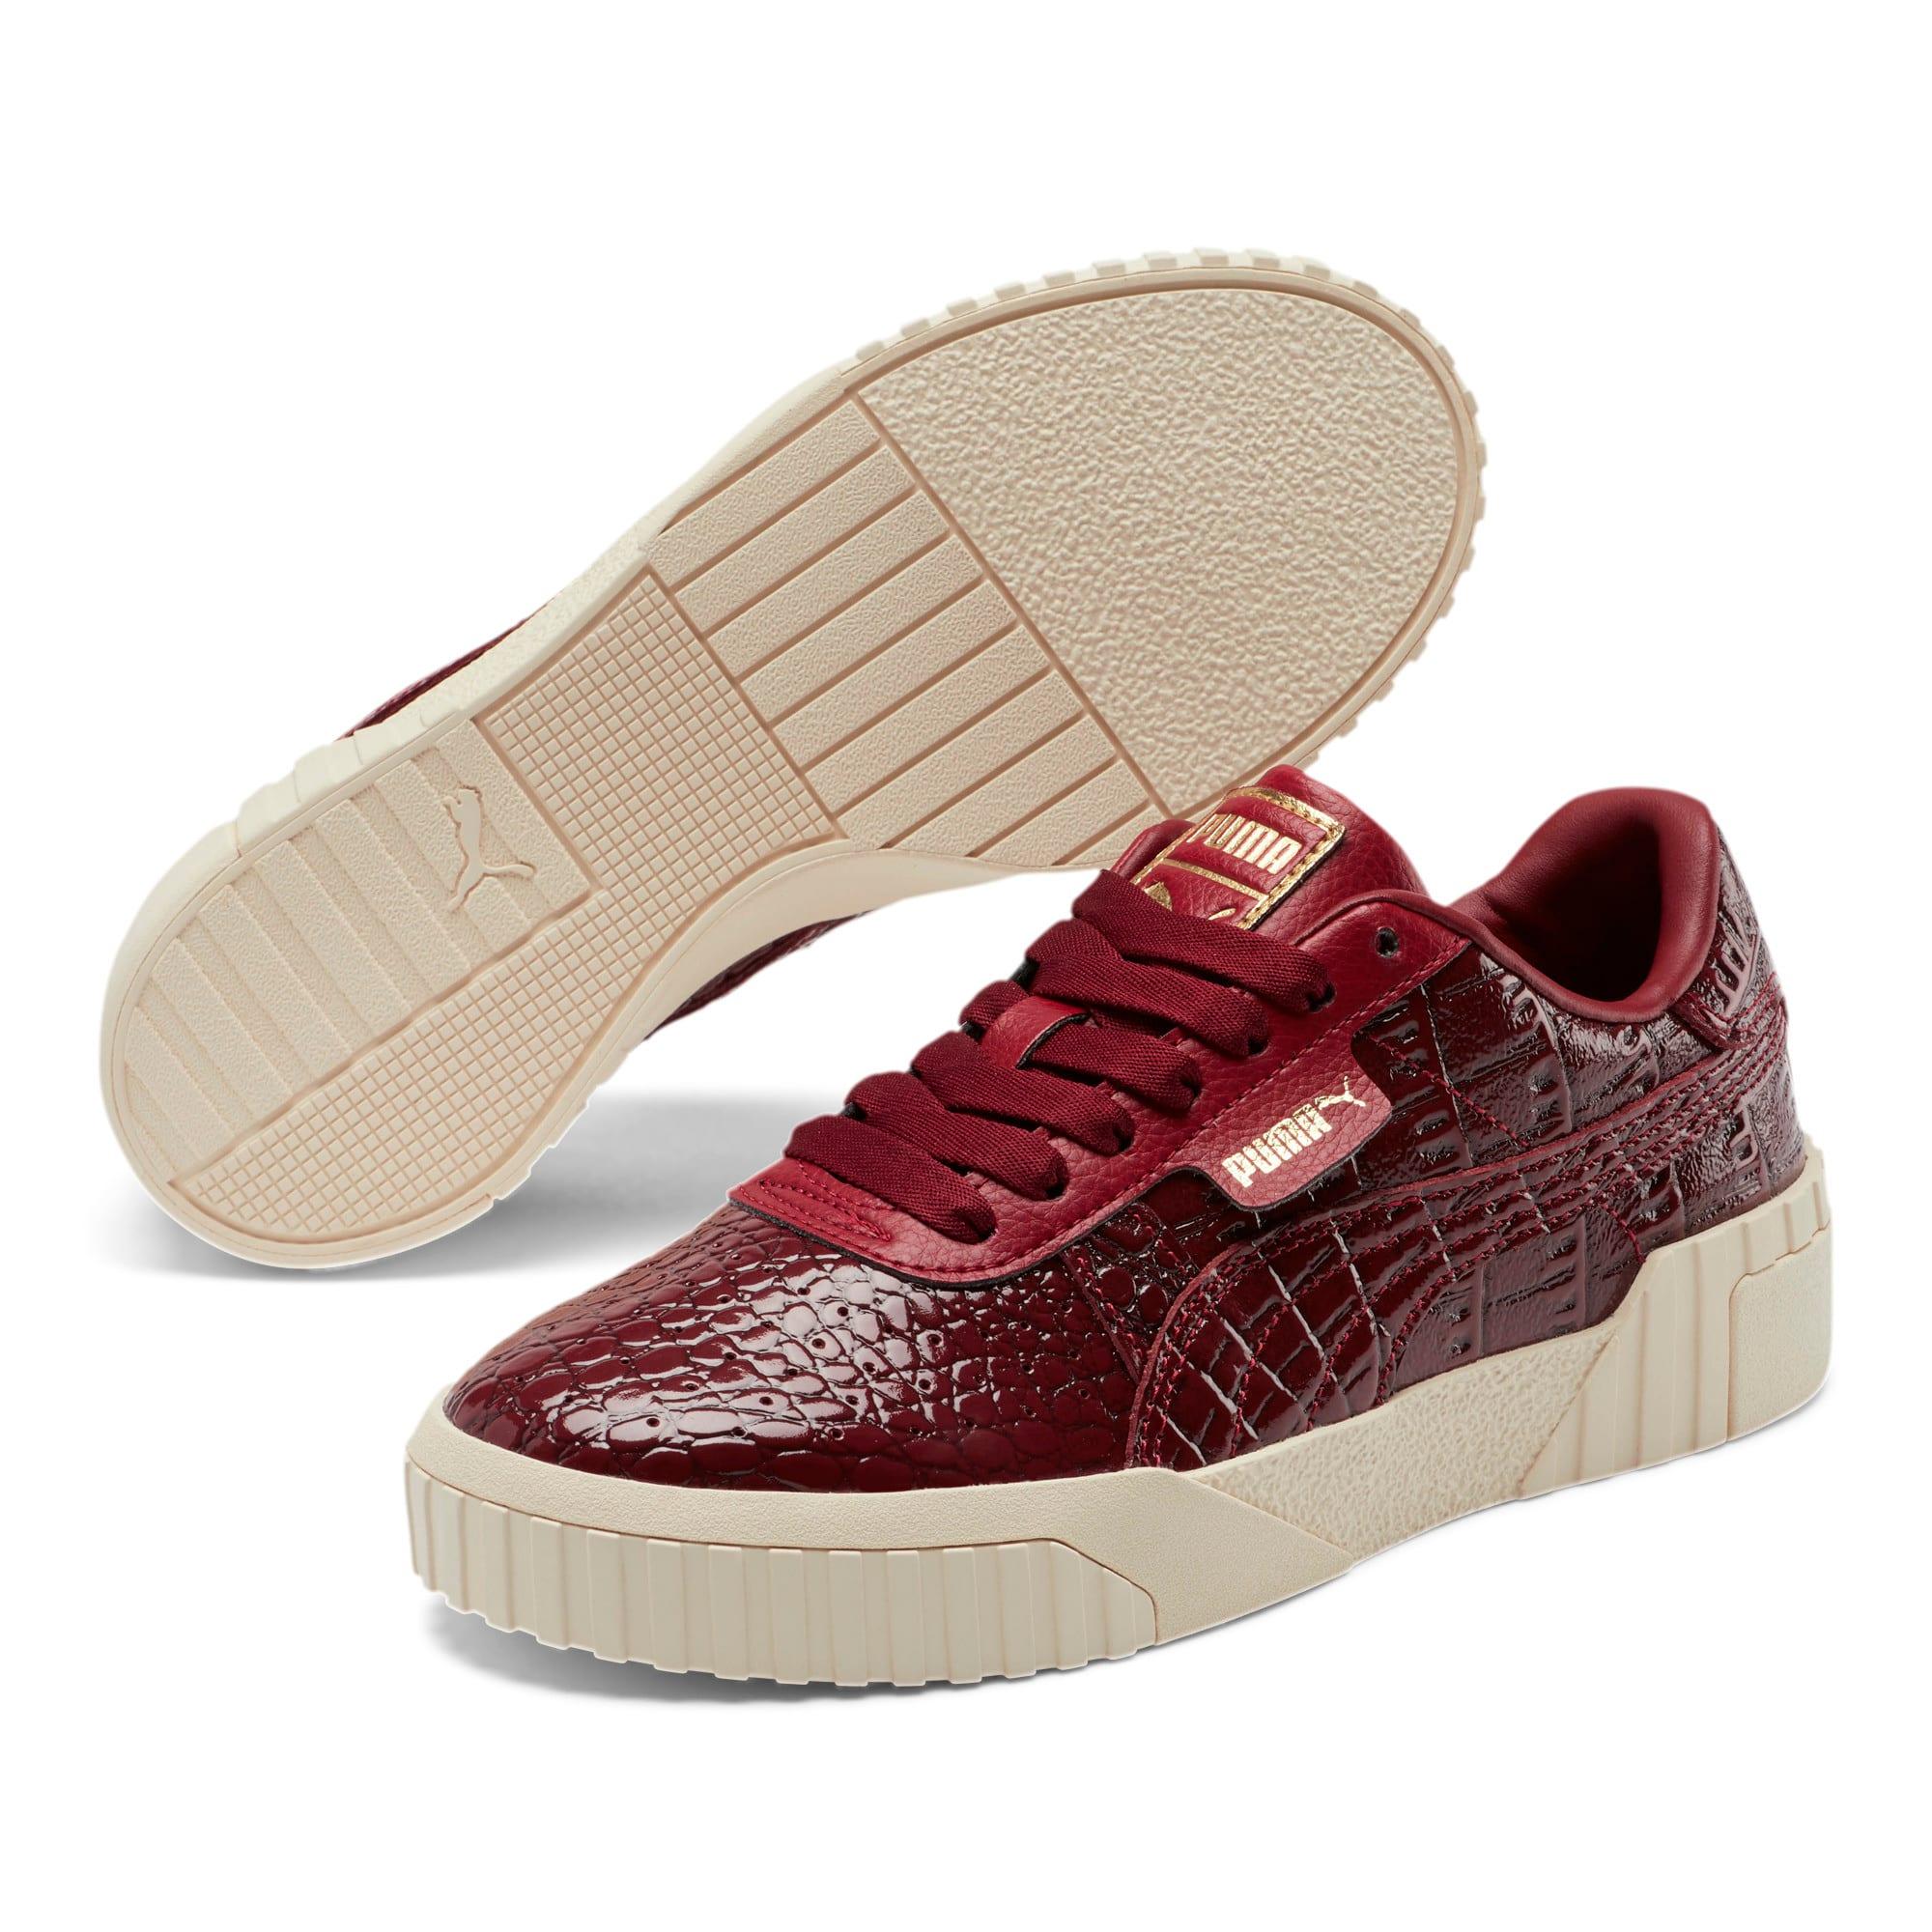 Thumbnail 3 of Cali Croc Women's Sneakers, Pomegranate-Pomegranate, medium